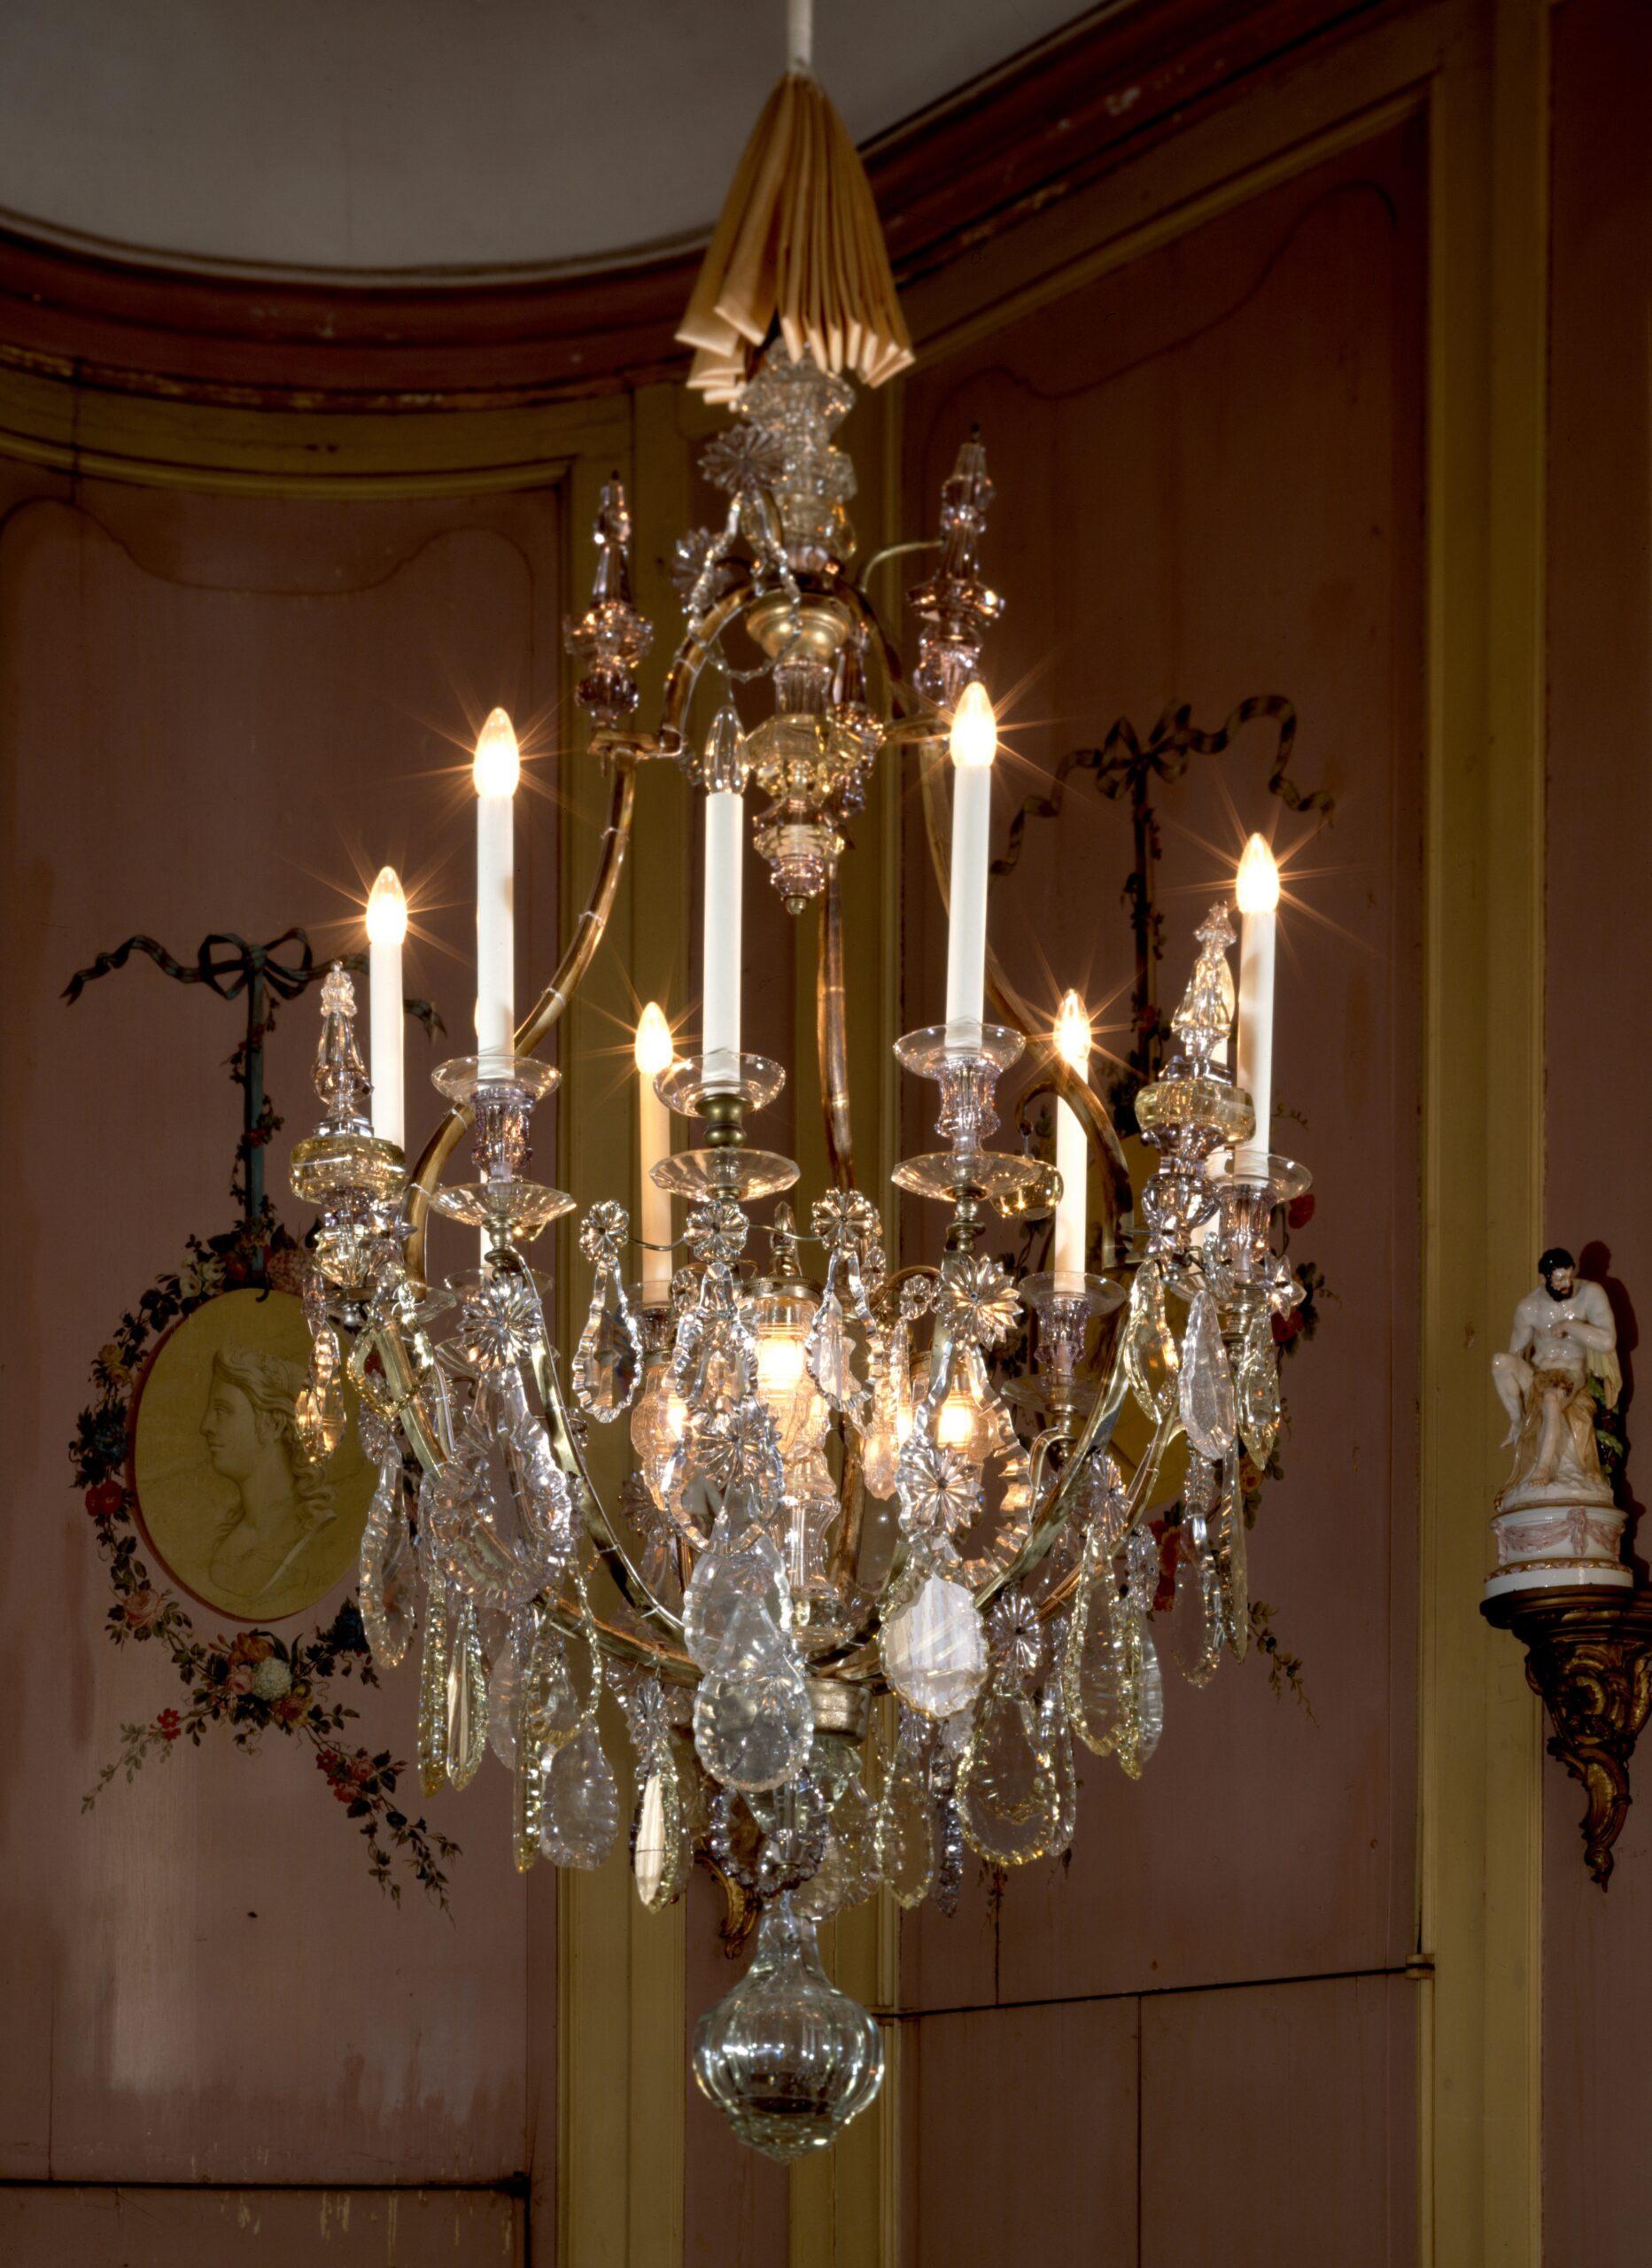 Full Size of Hängelampen Kronleuchter Mit Behang Aus Glas 9 Kerzen Und 3 Hngelampen Wohnzimmer Hängelampen